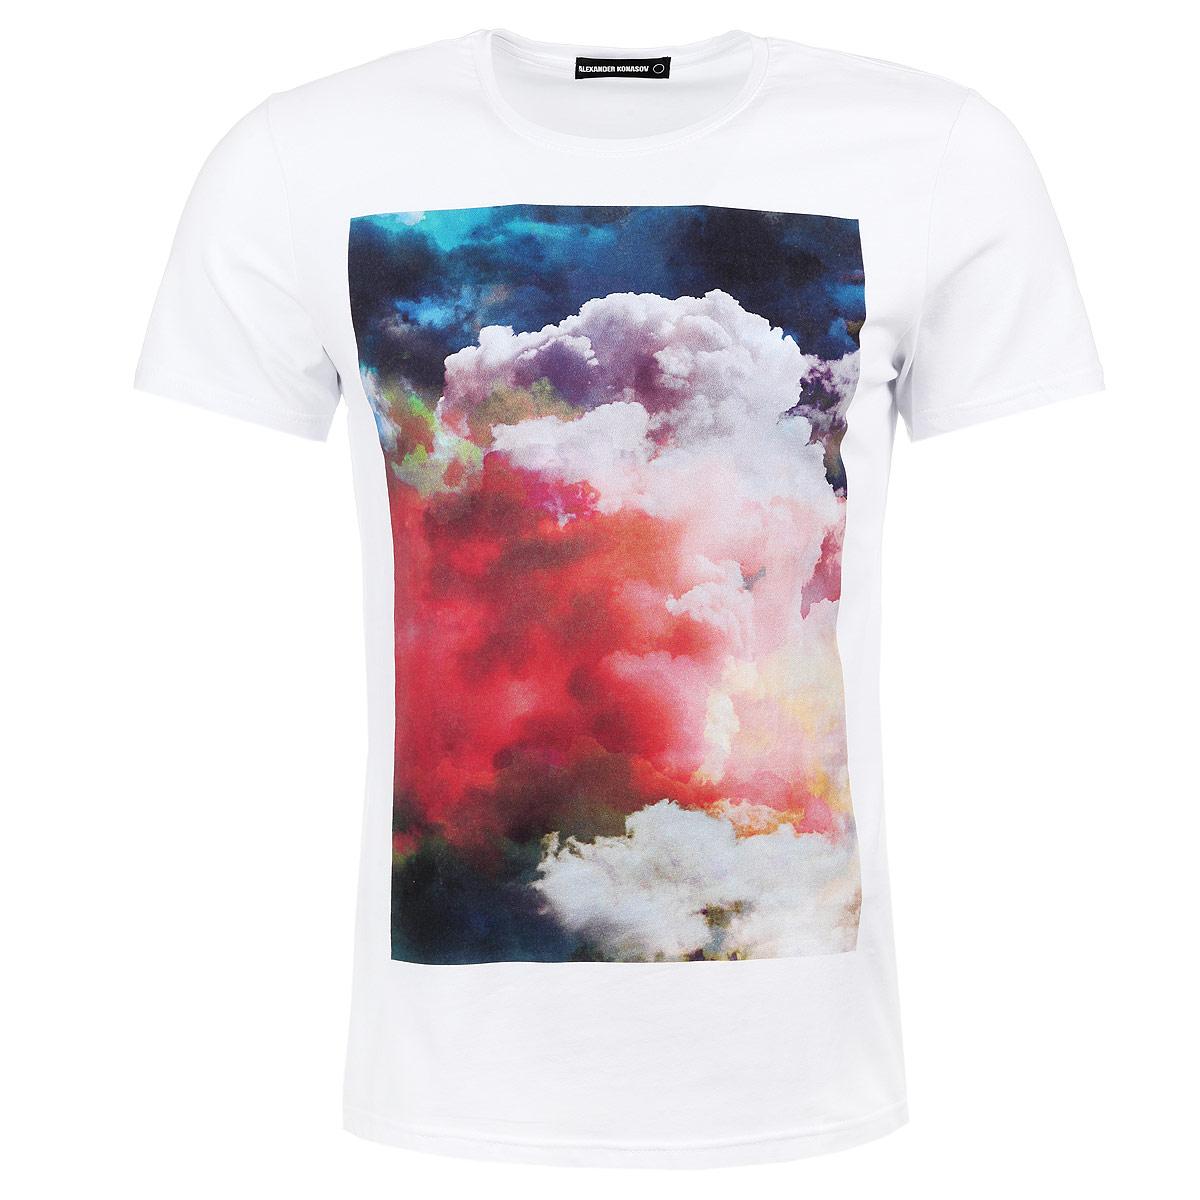 ОблакаМужская футболка Alexander Konasov с коротким рукавом и круглой горловиной выполнена из хлопка с добавлением лайкры. Она необычайно мягкая и приятная на ощупь, не сковывает движения и позволяет коже дышать, обеспечивая наибольший комфорт. Модель оформлена принтом с изображением облаков. Такая футболка отлично дополнит ваш образ и позволит выделиться из толпы.